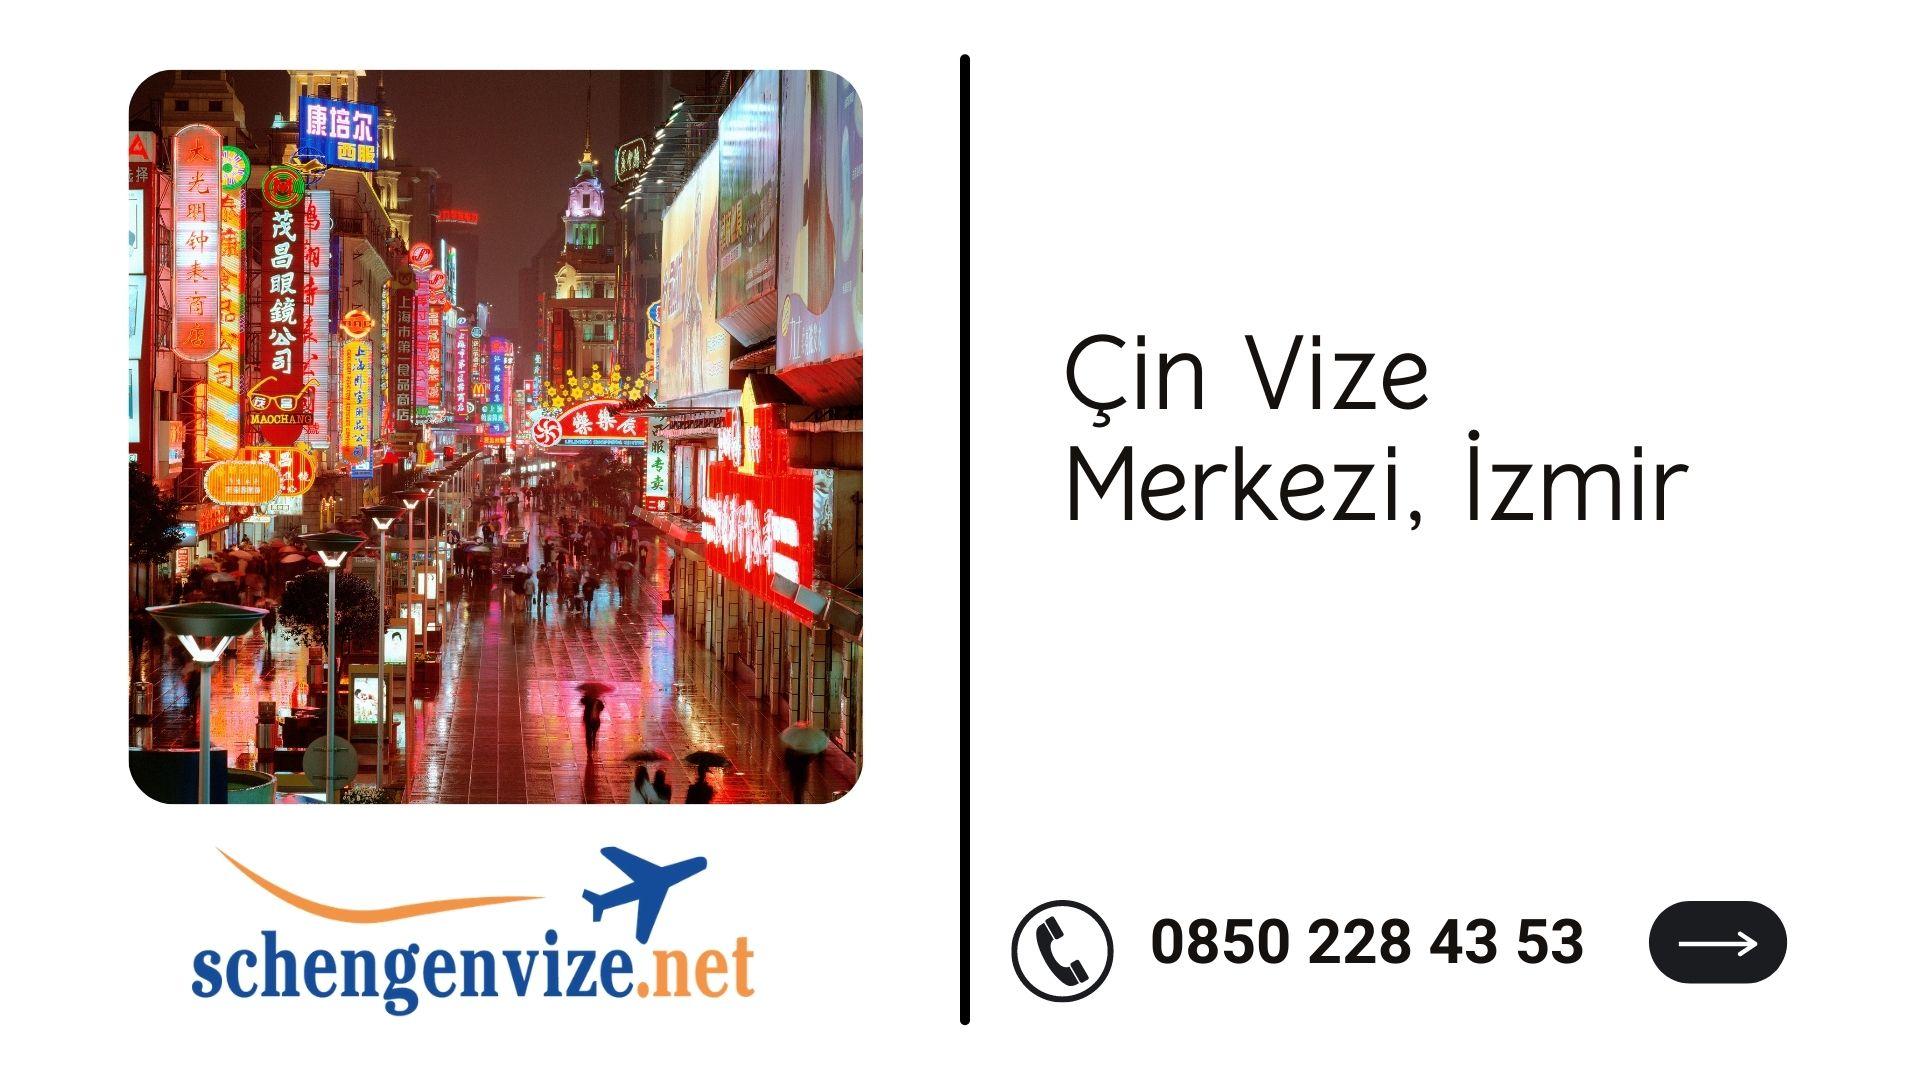 Çin Vize Merkezi, İzmir